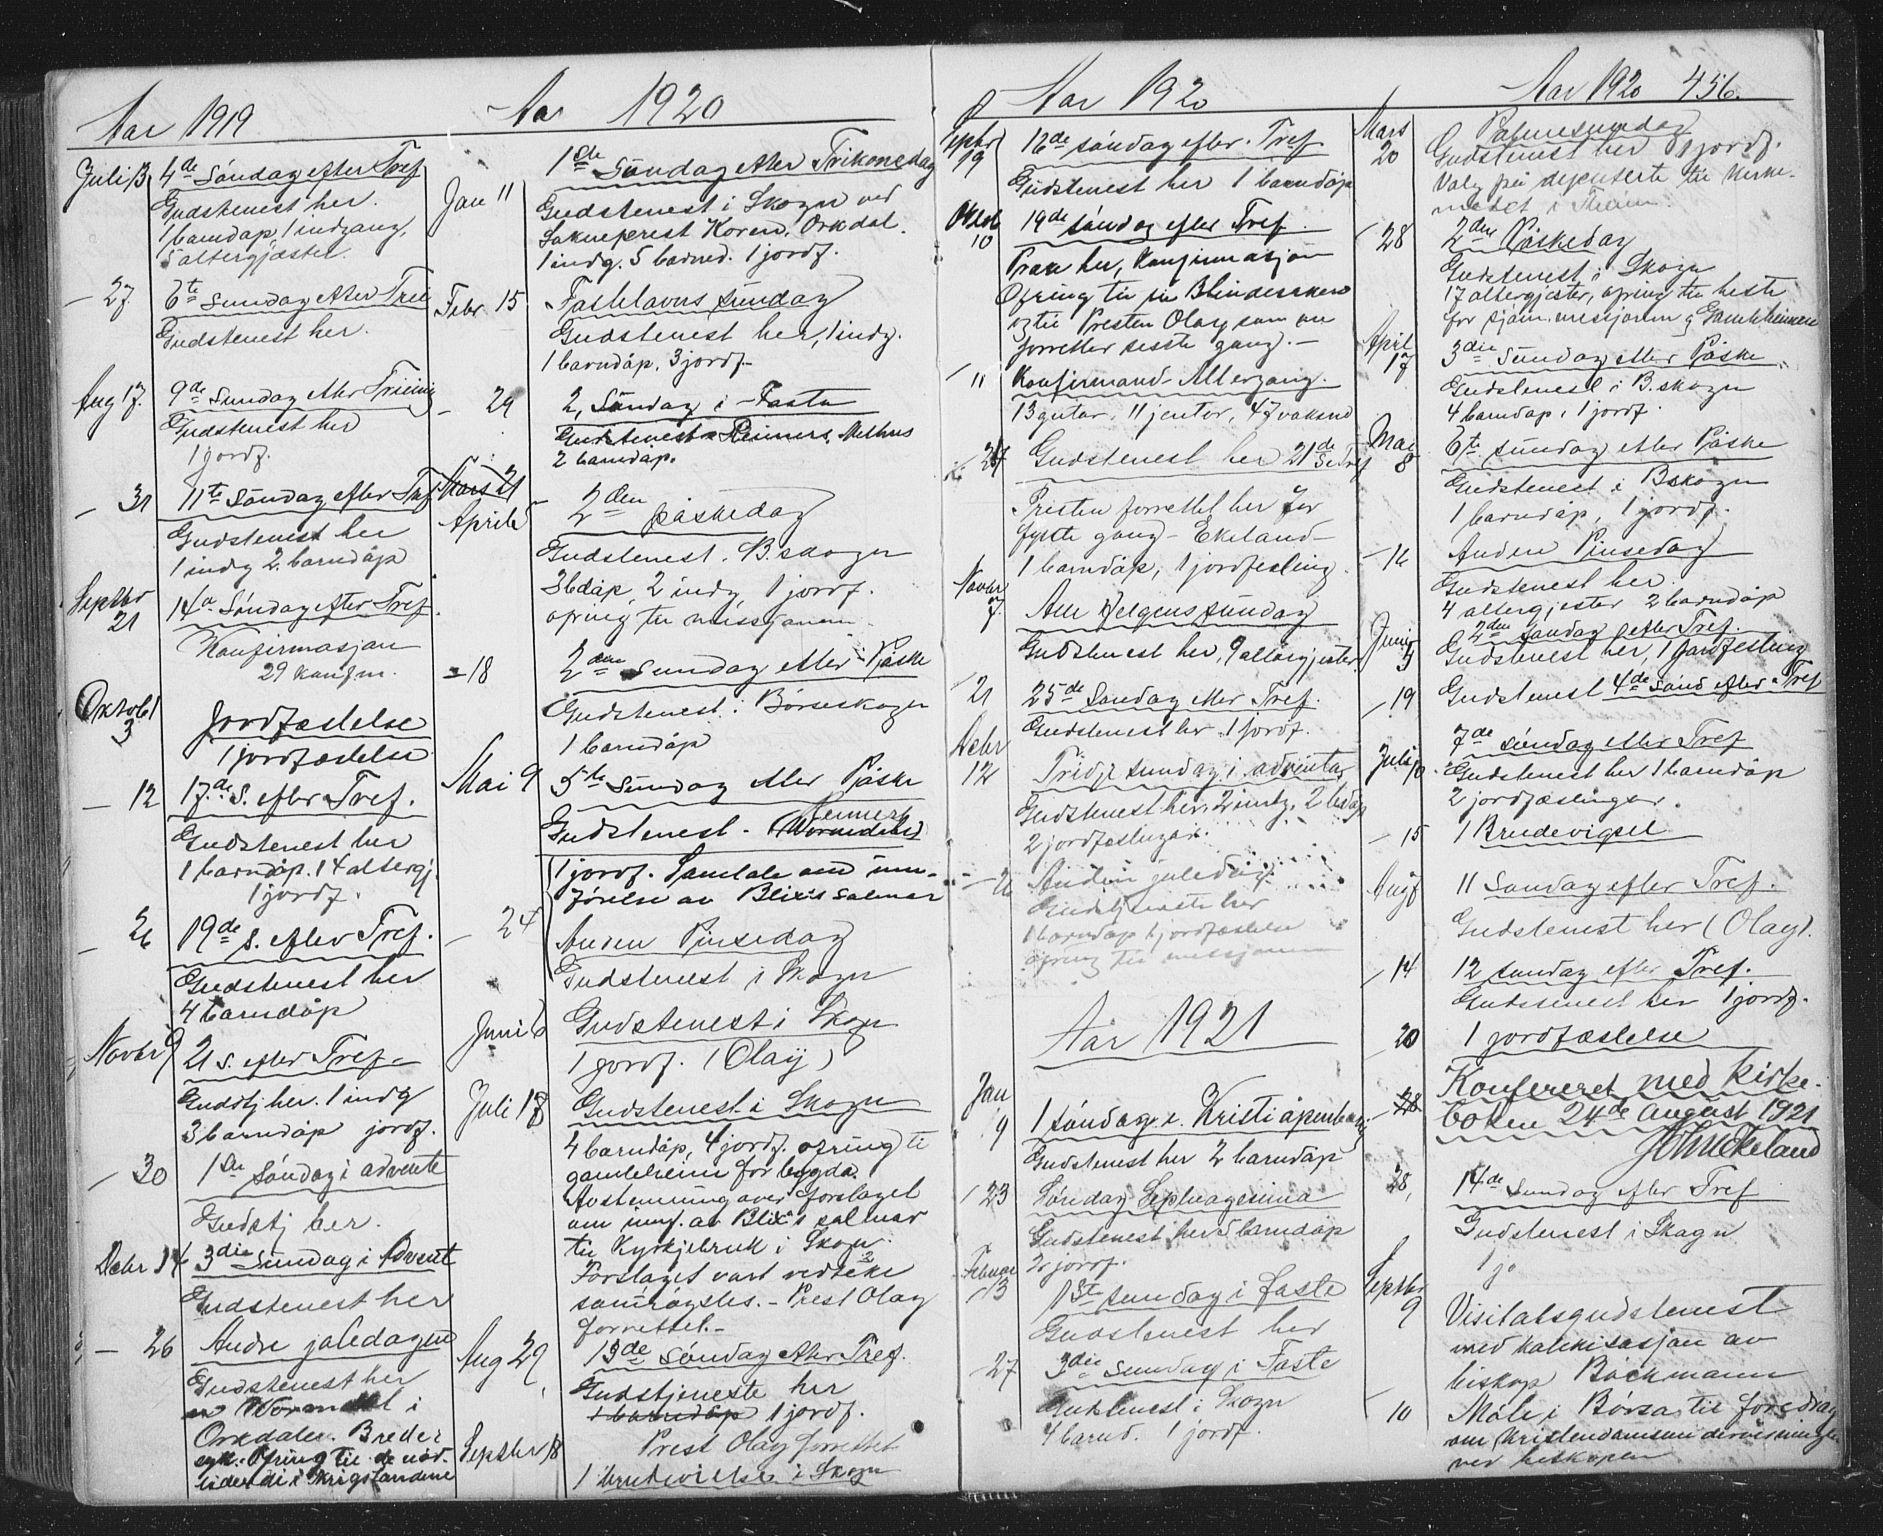 SAT, Ministerialprotokoller, klokkerbøker og fødselsregistre - Sør-Trøndelag, 667/L0798: Klokkerbok nr. 667C03, 1867-1929, s. 456